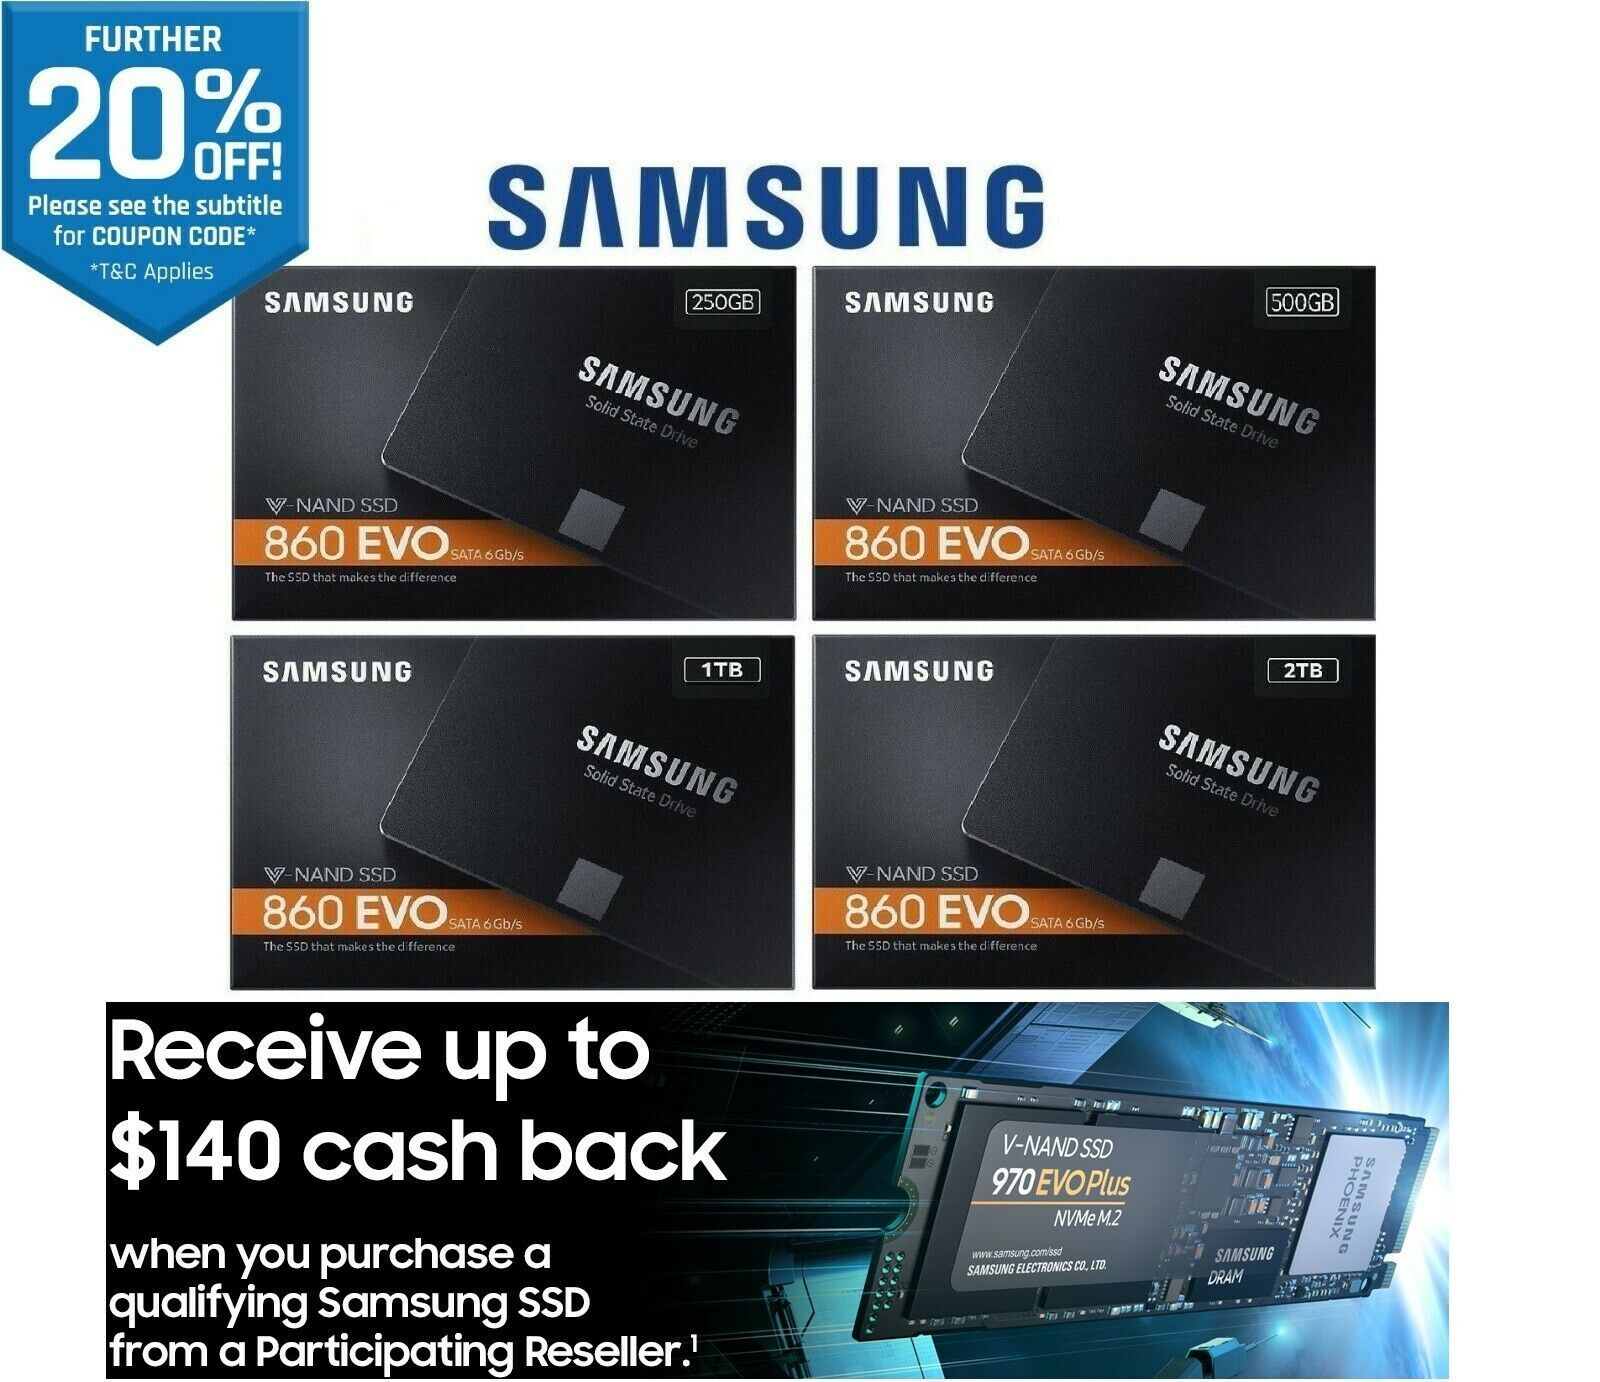 Samsung 860 EVO 1TB 188.80, QVO 2TB 314.40 Delivered